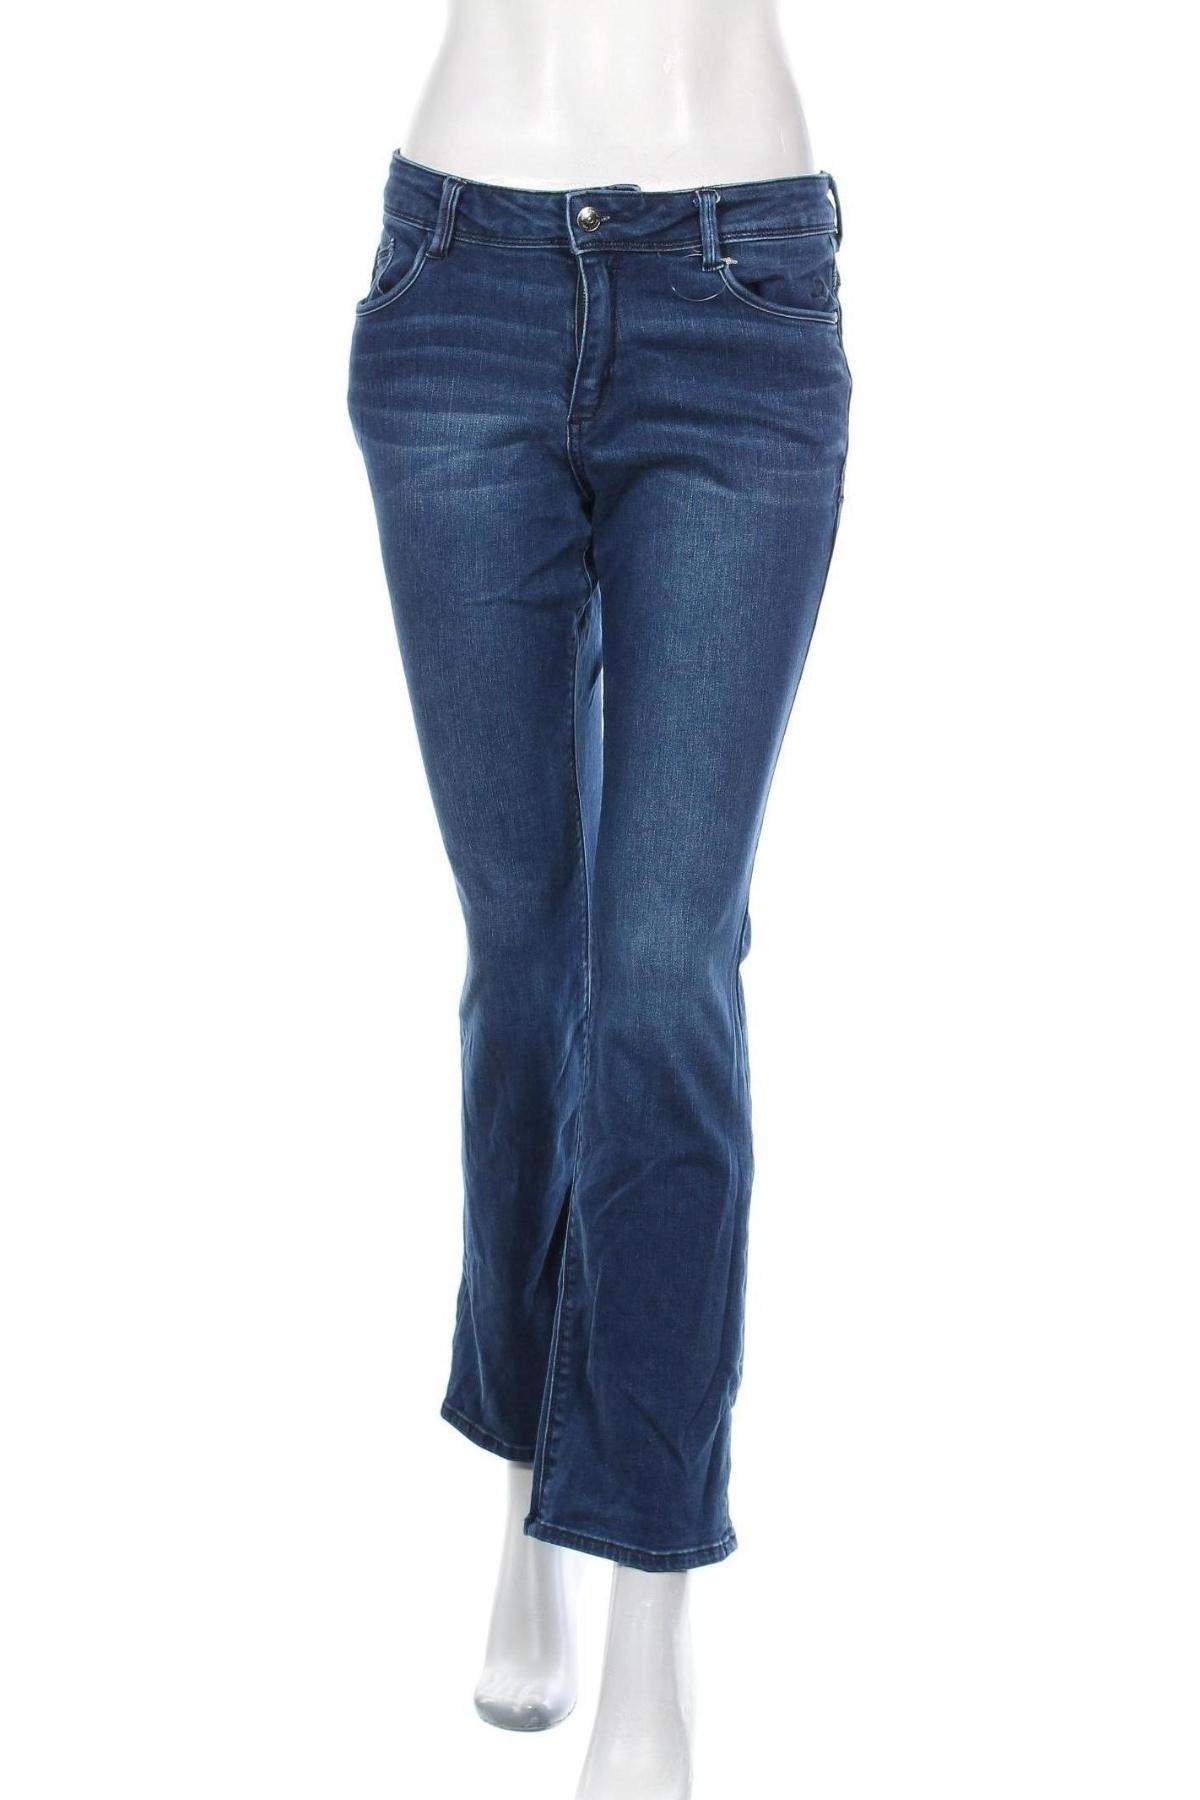 Дамски дънки S.Oliver, Размер S, Цвят Син, 91% памук, 7% полиестер, 2% еластан, Цена 28,20лв.